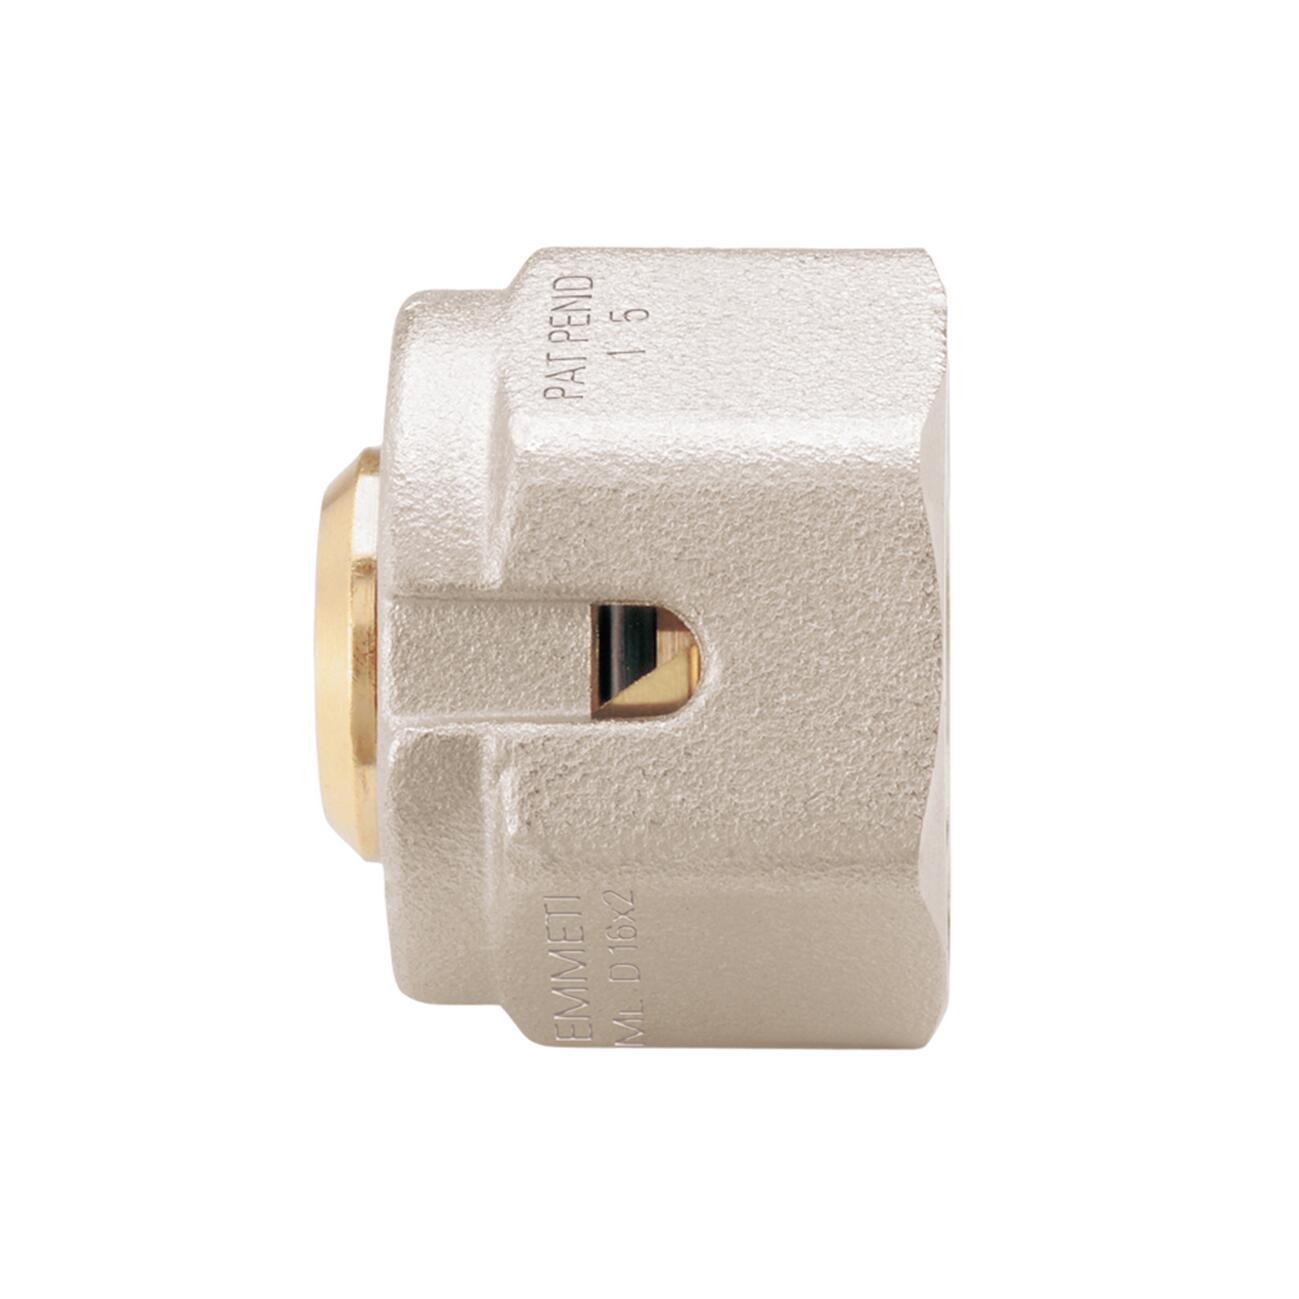 Adattatore per tubo in rame per collettori Emmeti Ø 20 mm